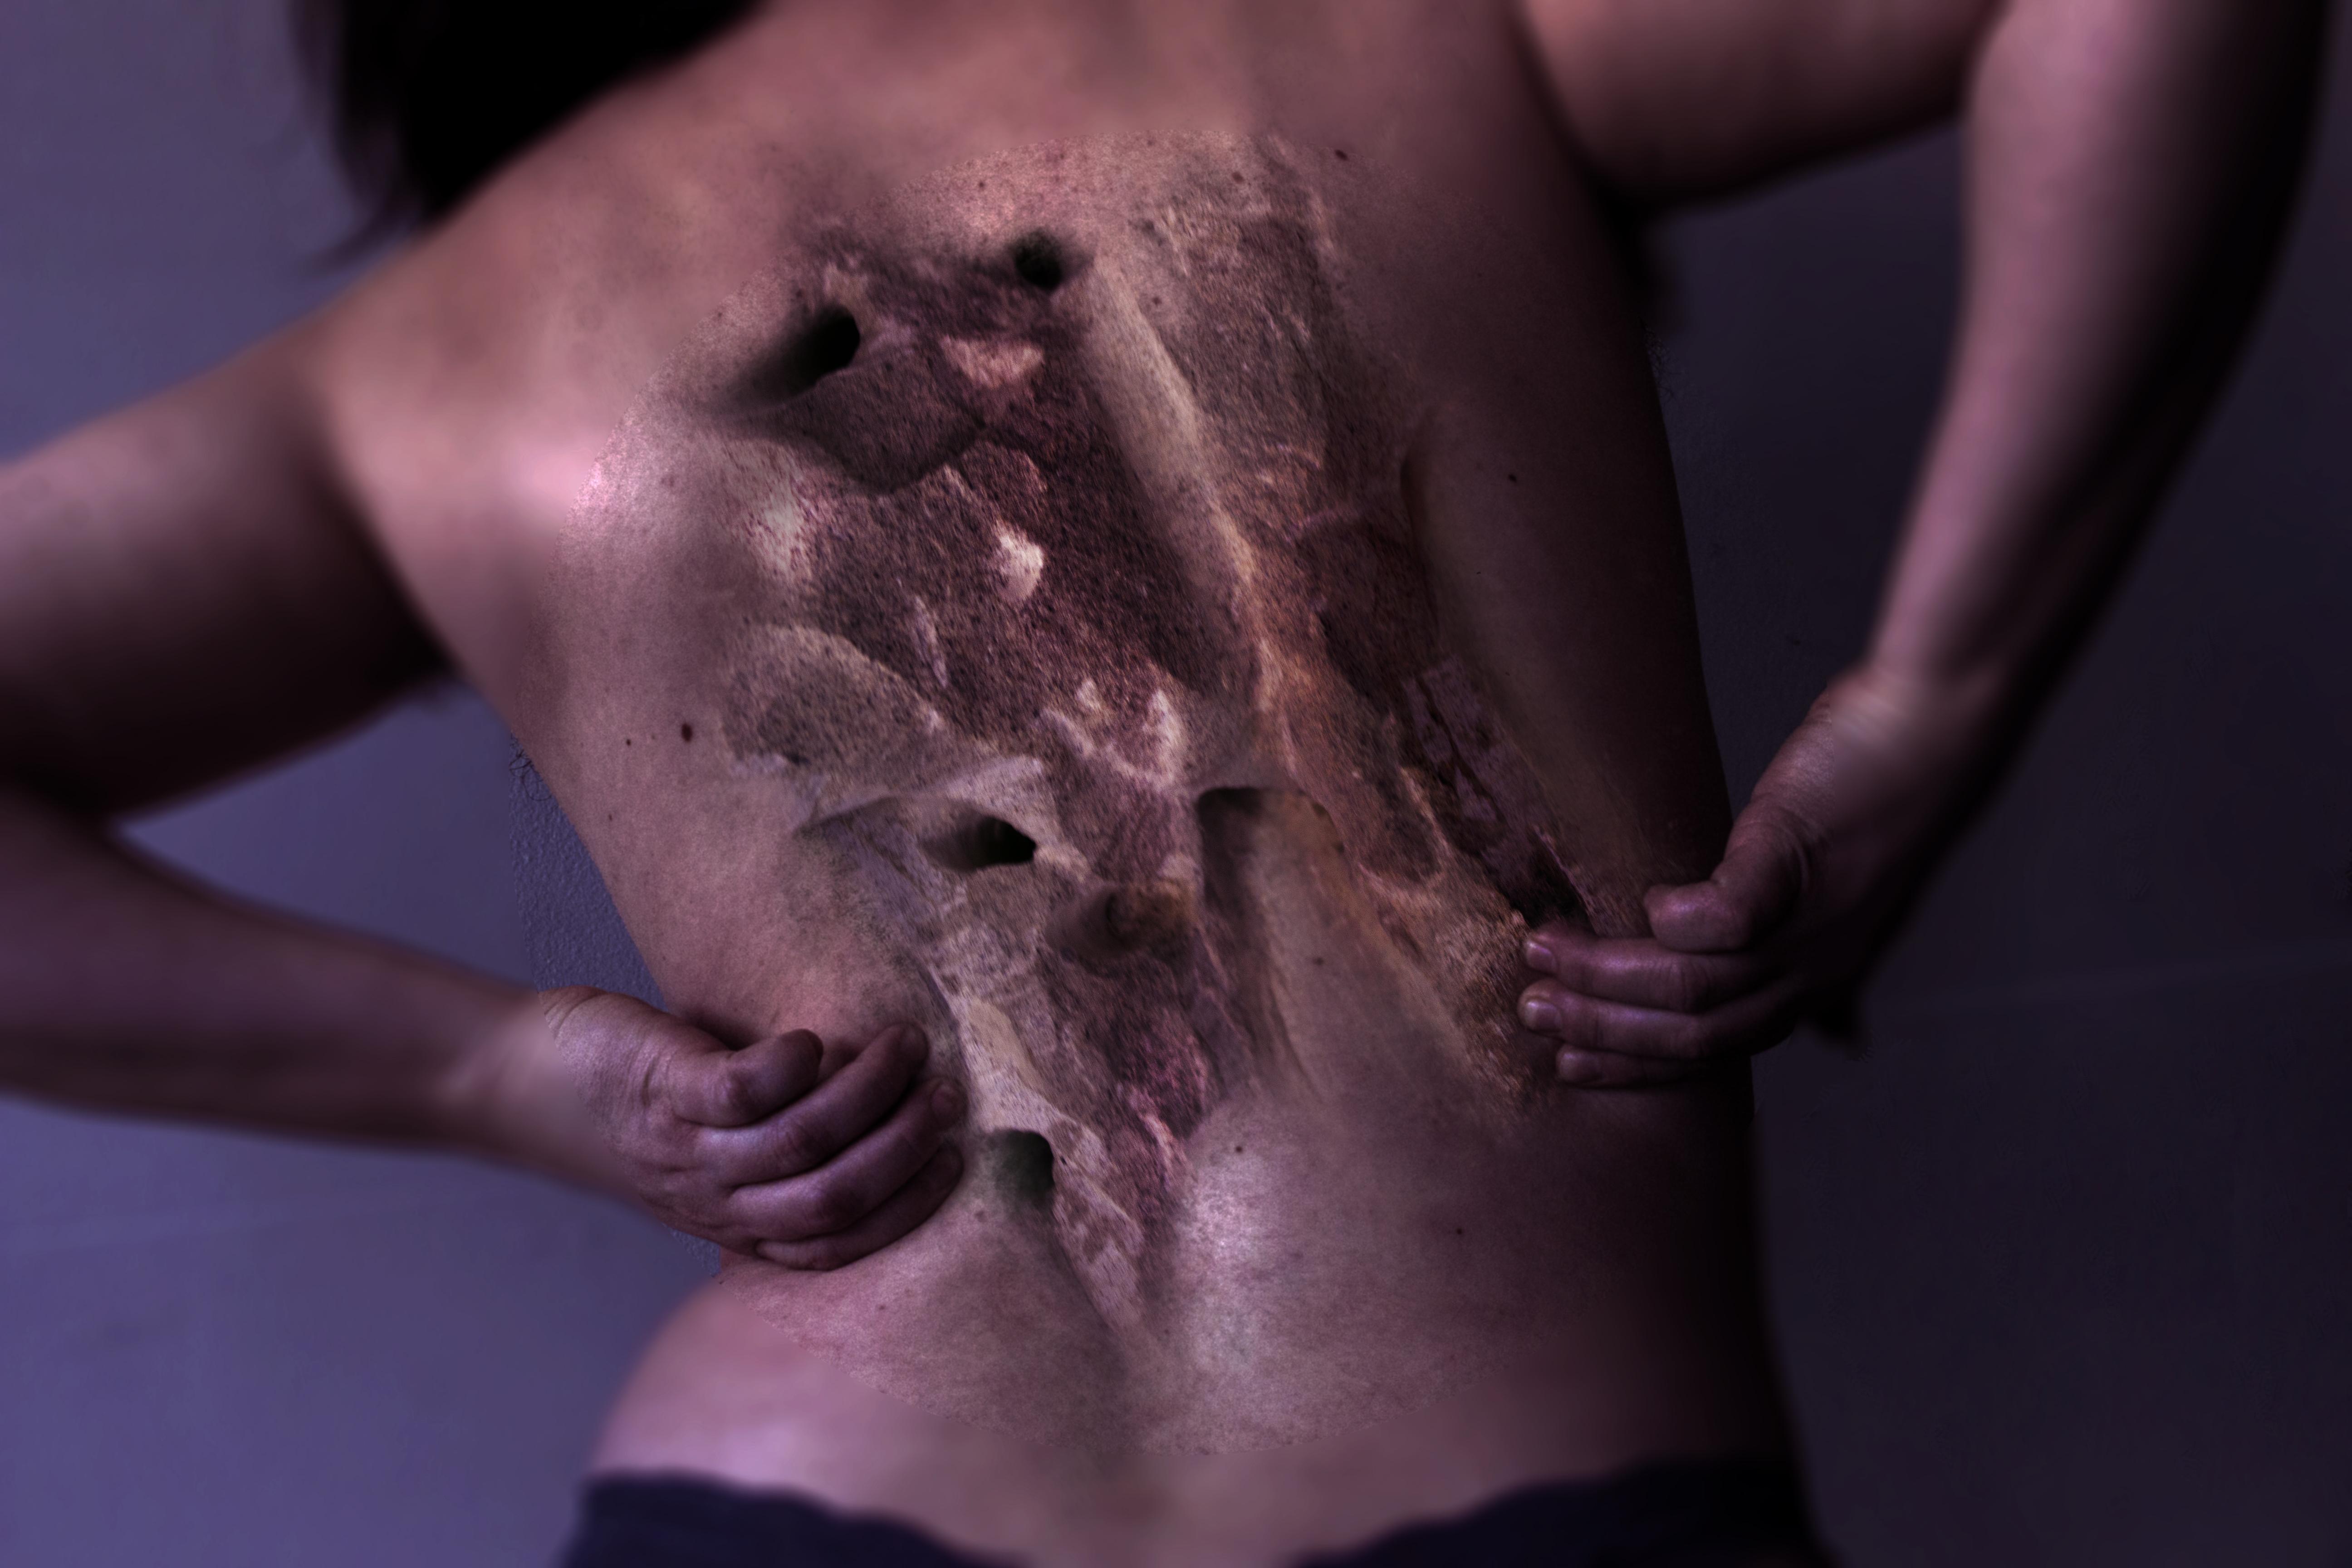 backtake